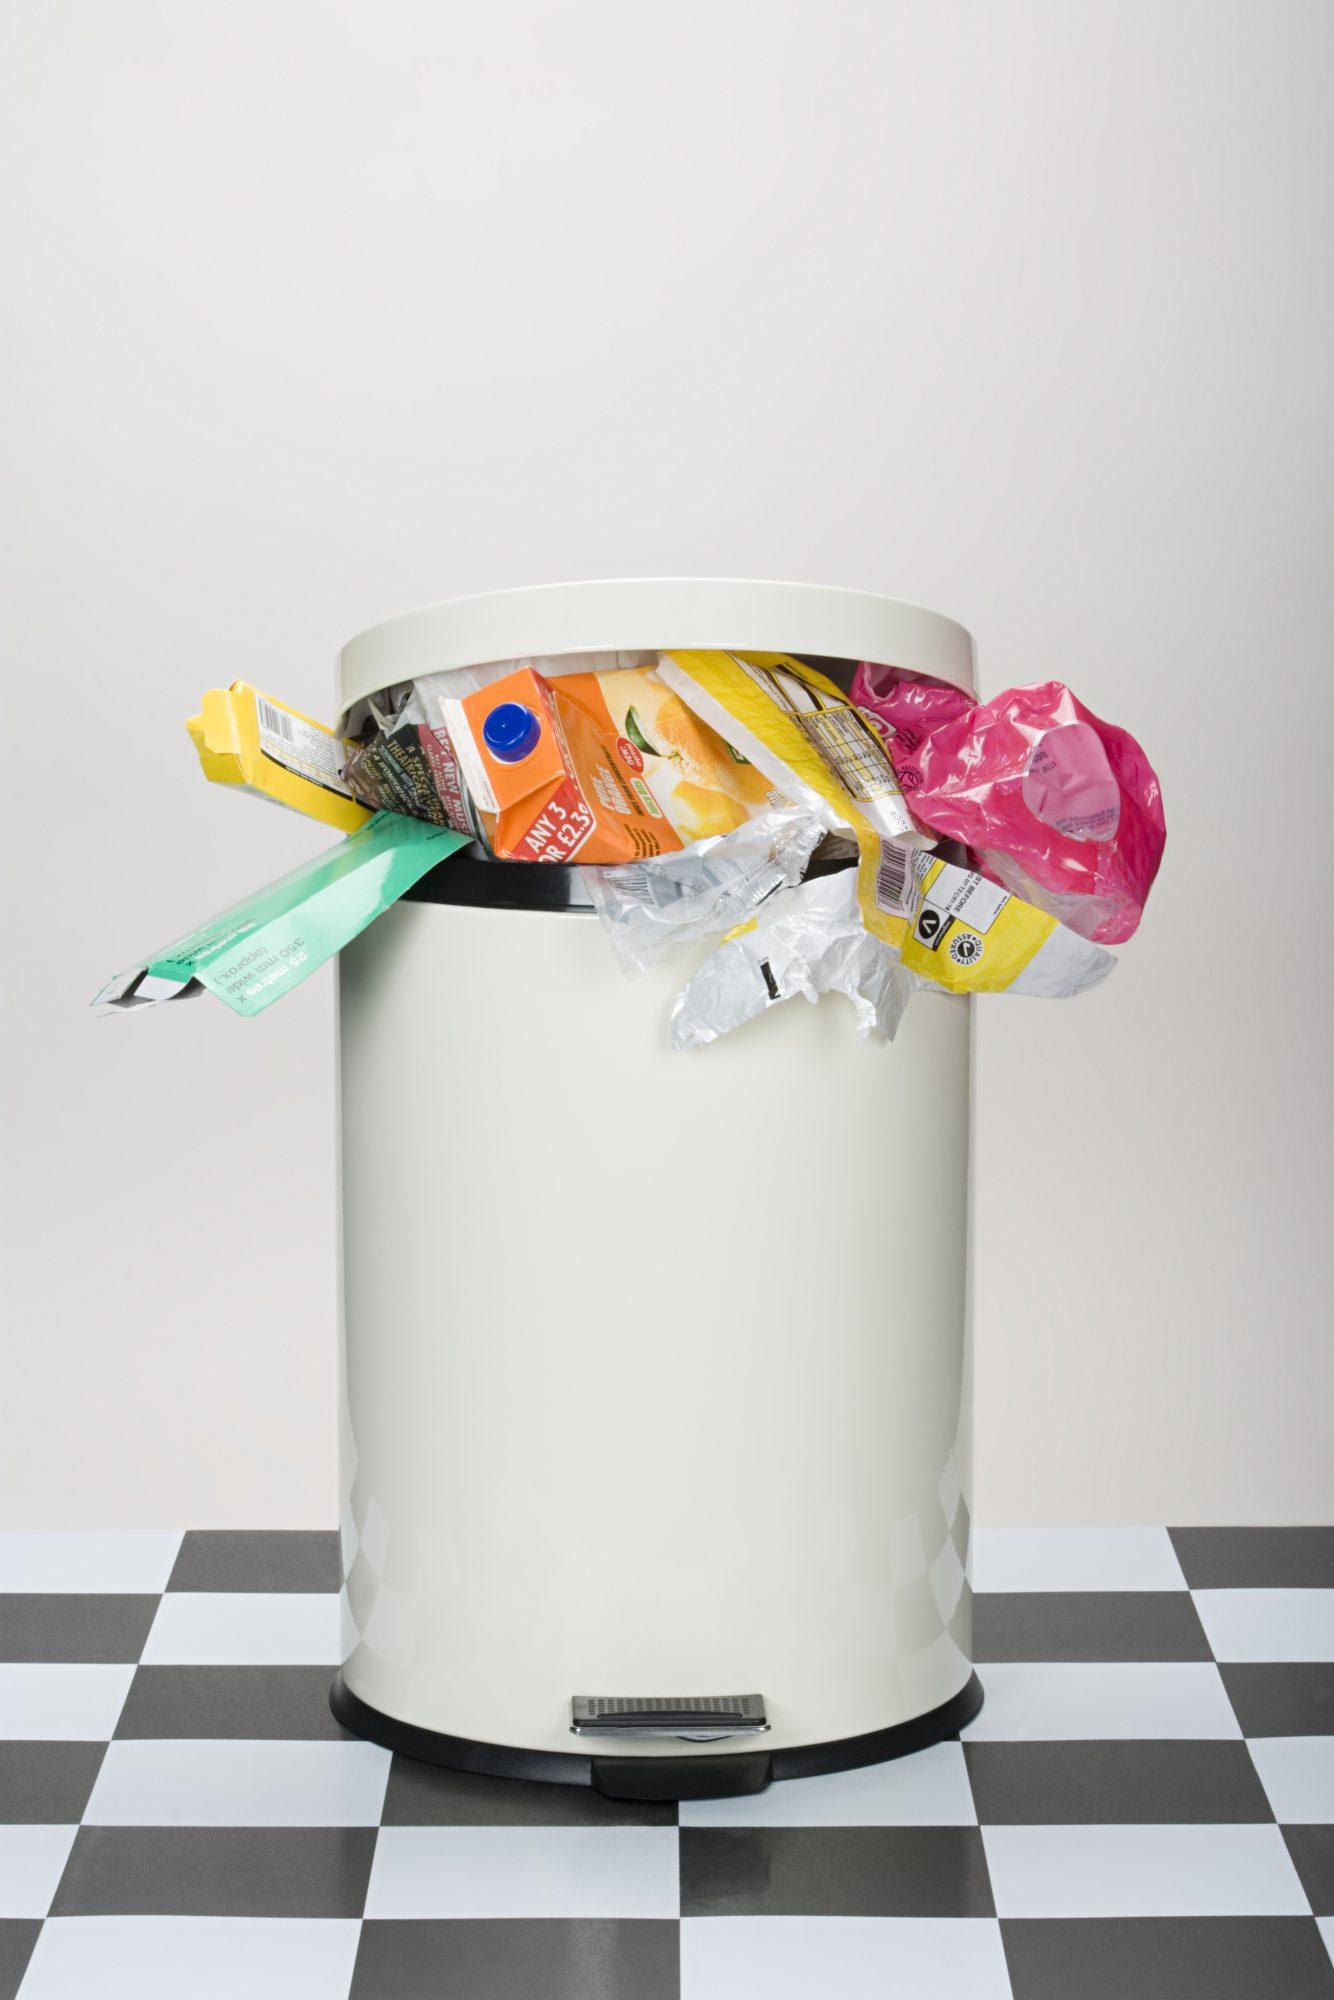 getty-trash-image